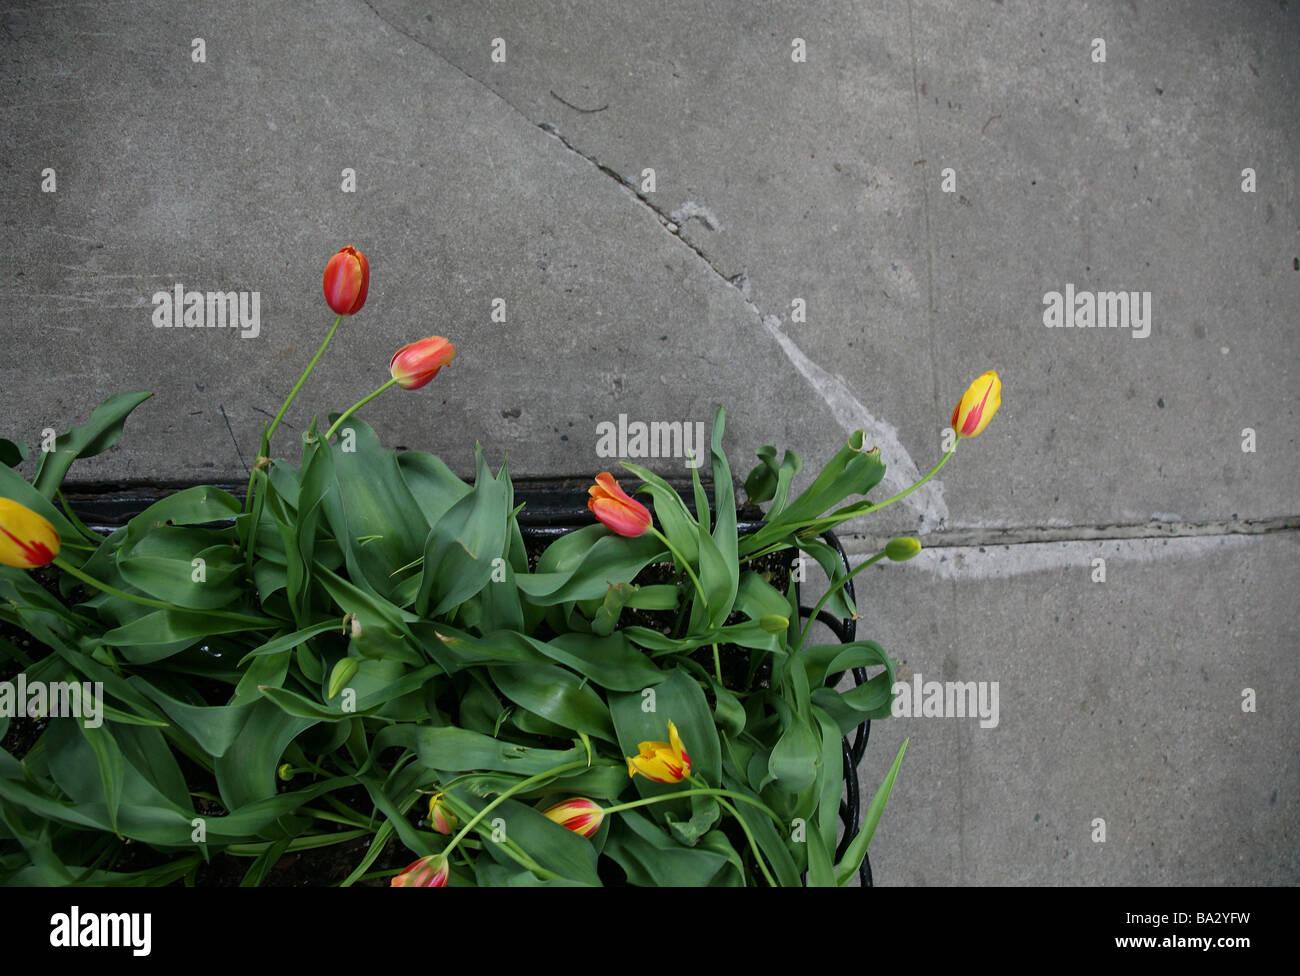 beton-boden pflanztrog tulpen von oben boden beton blumenkasten